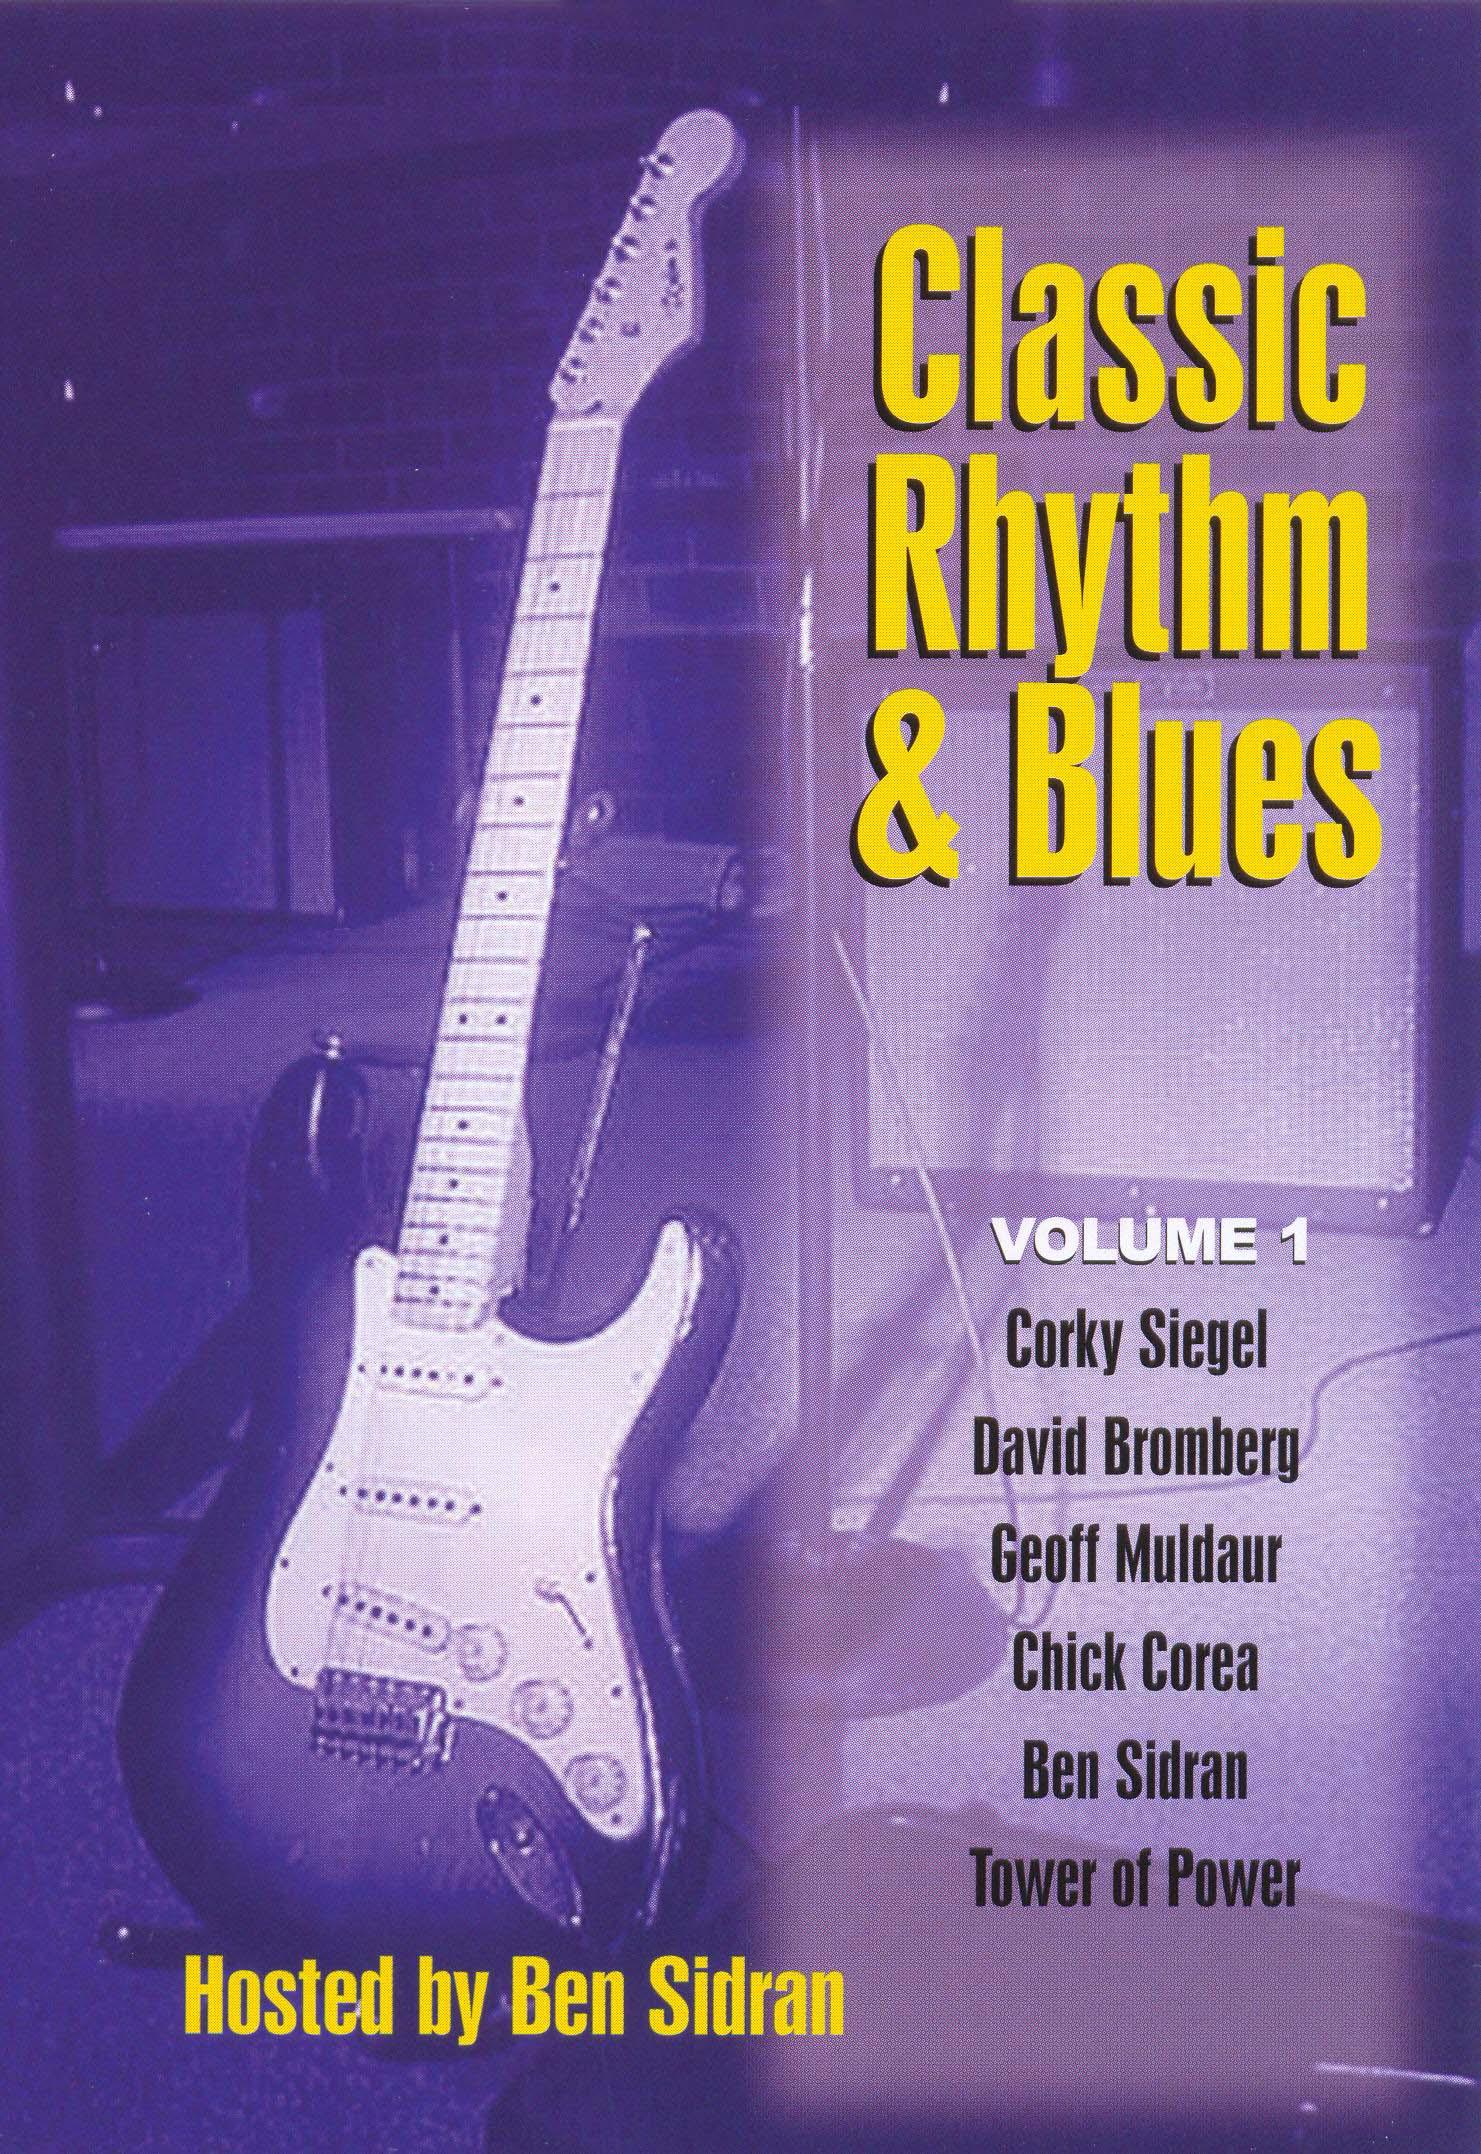 Classic Rhythm and Blues, Vol. 1